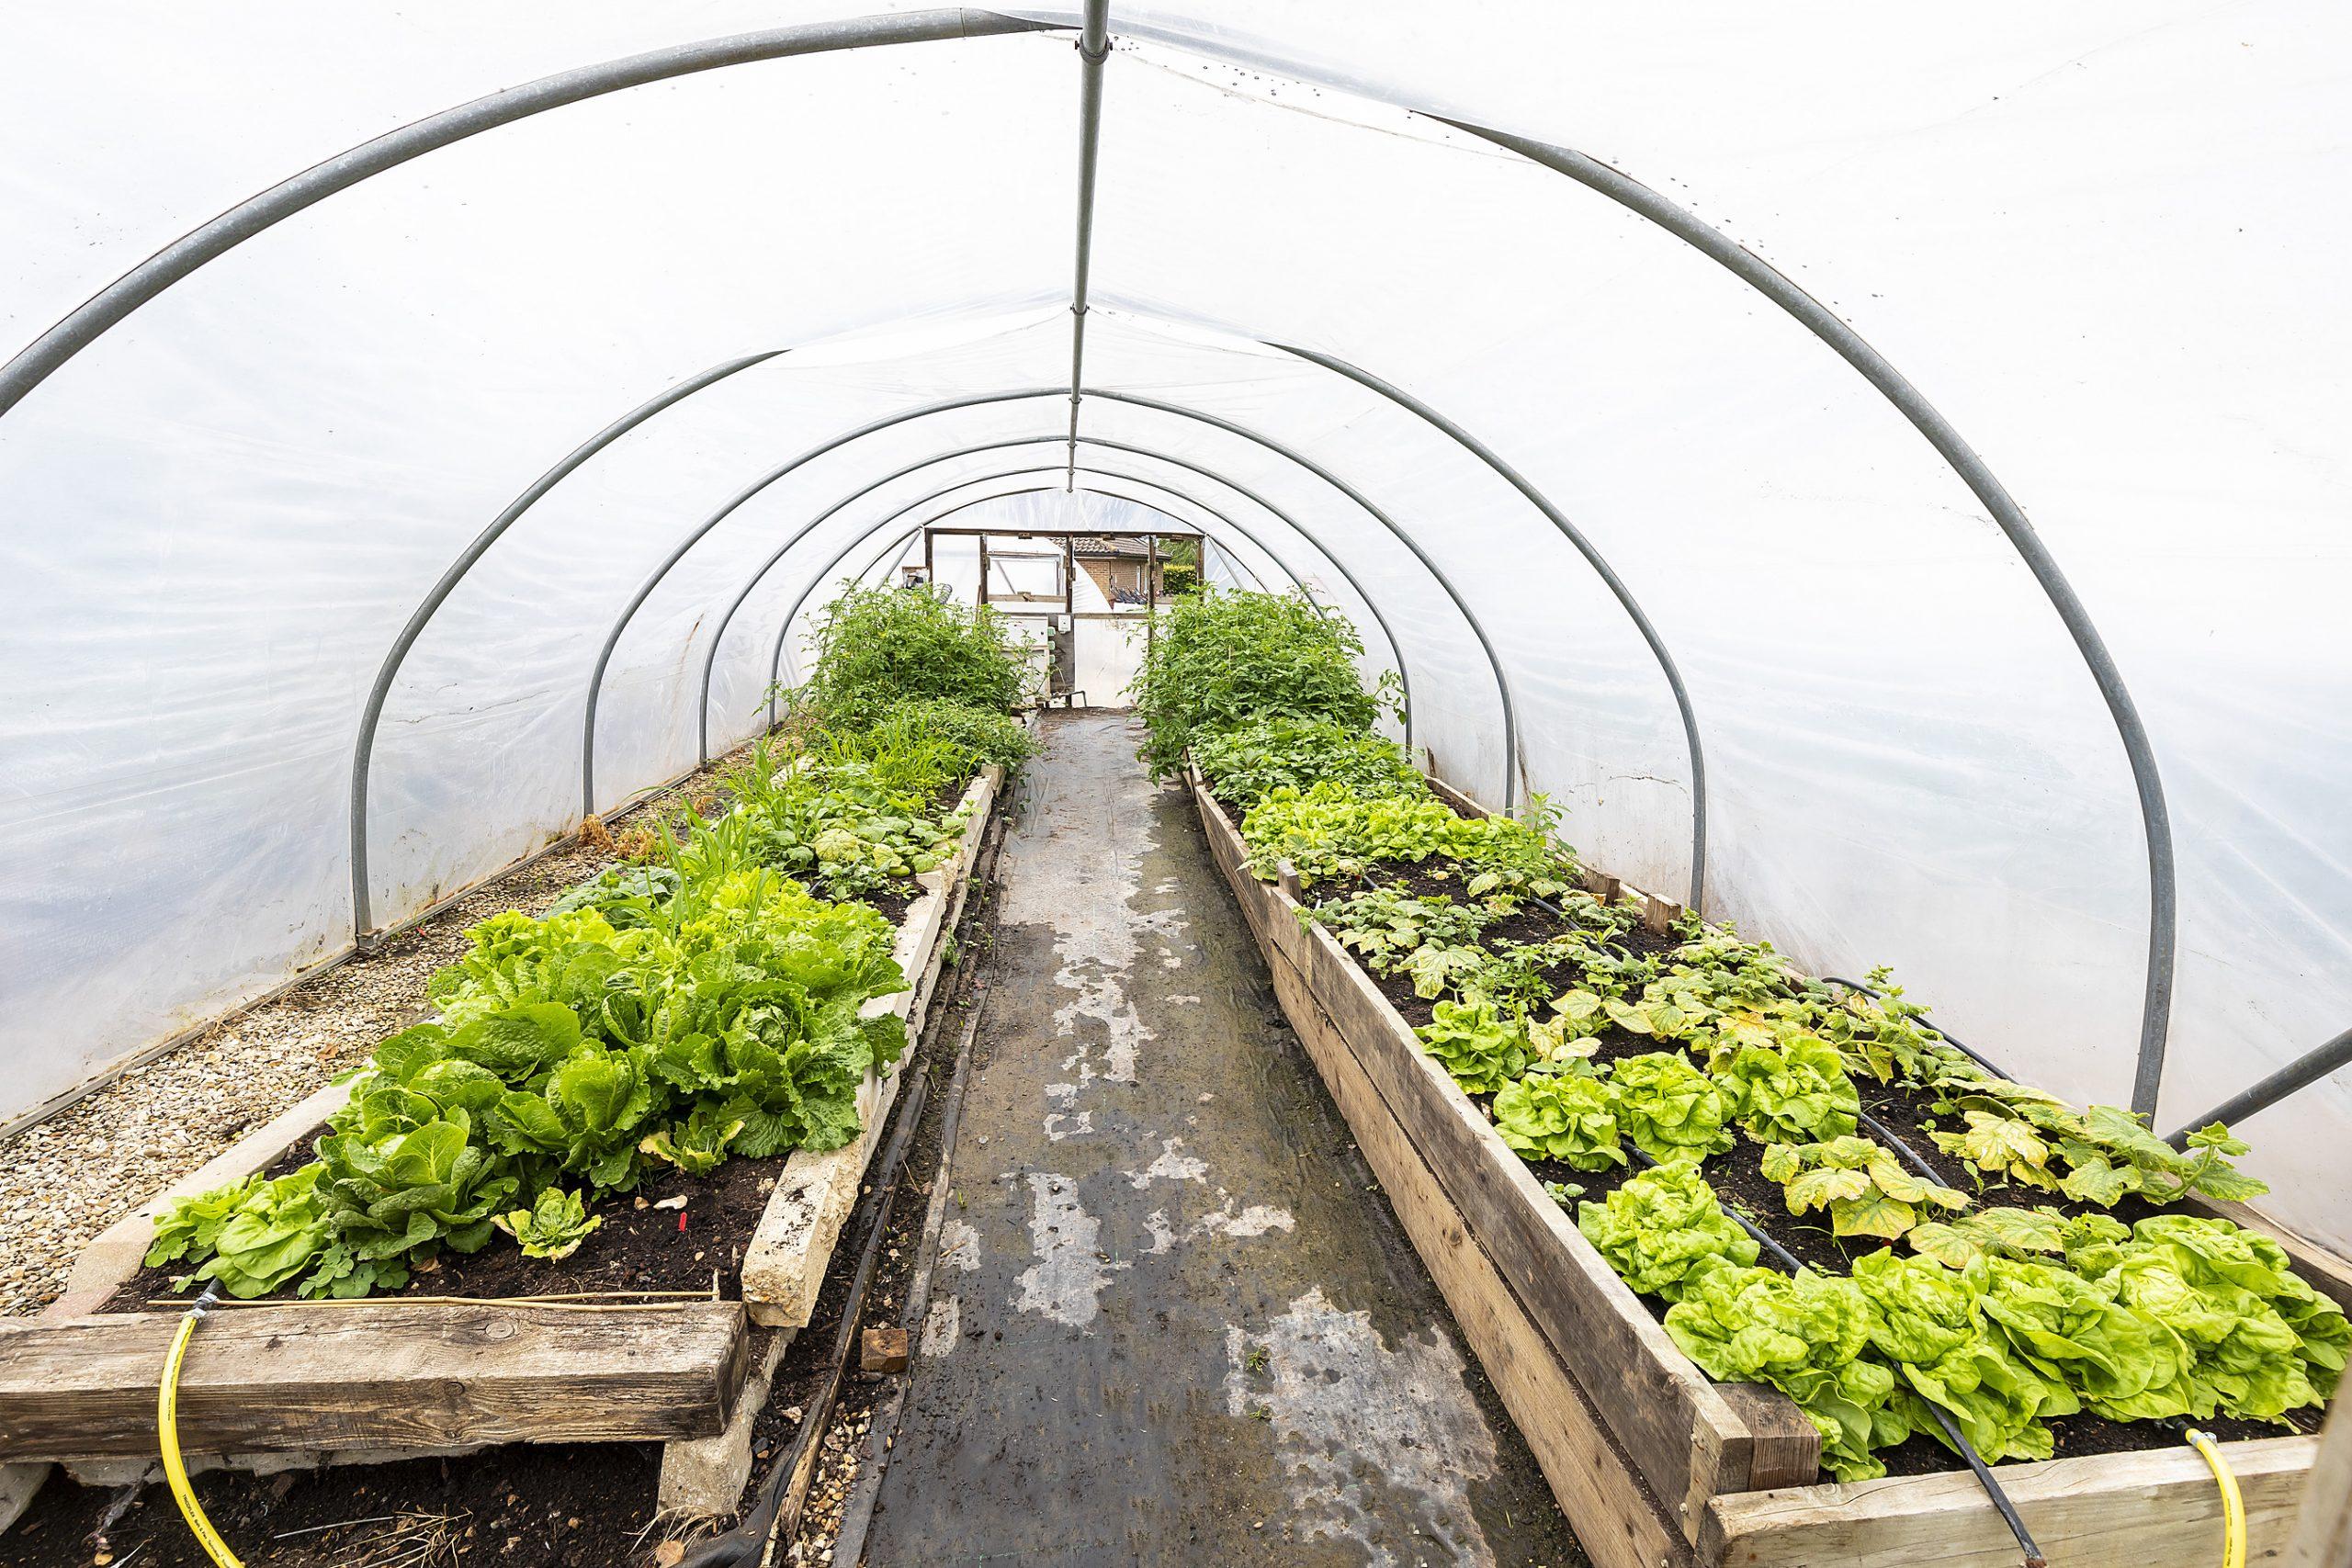 Horticulture polytunnels at Sparsholt College